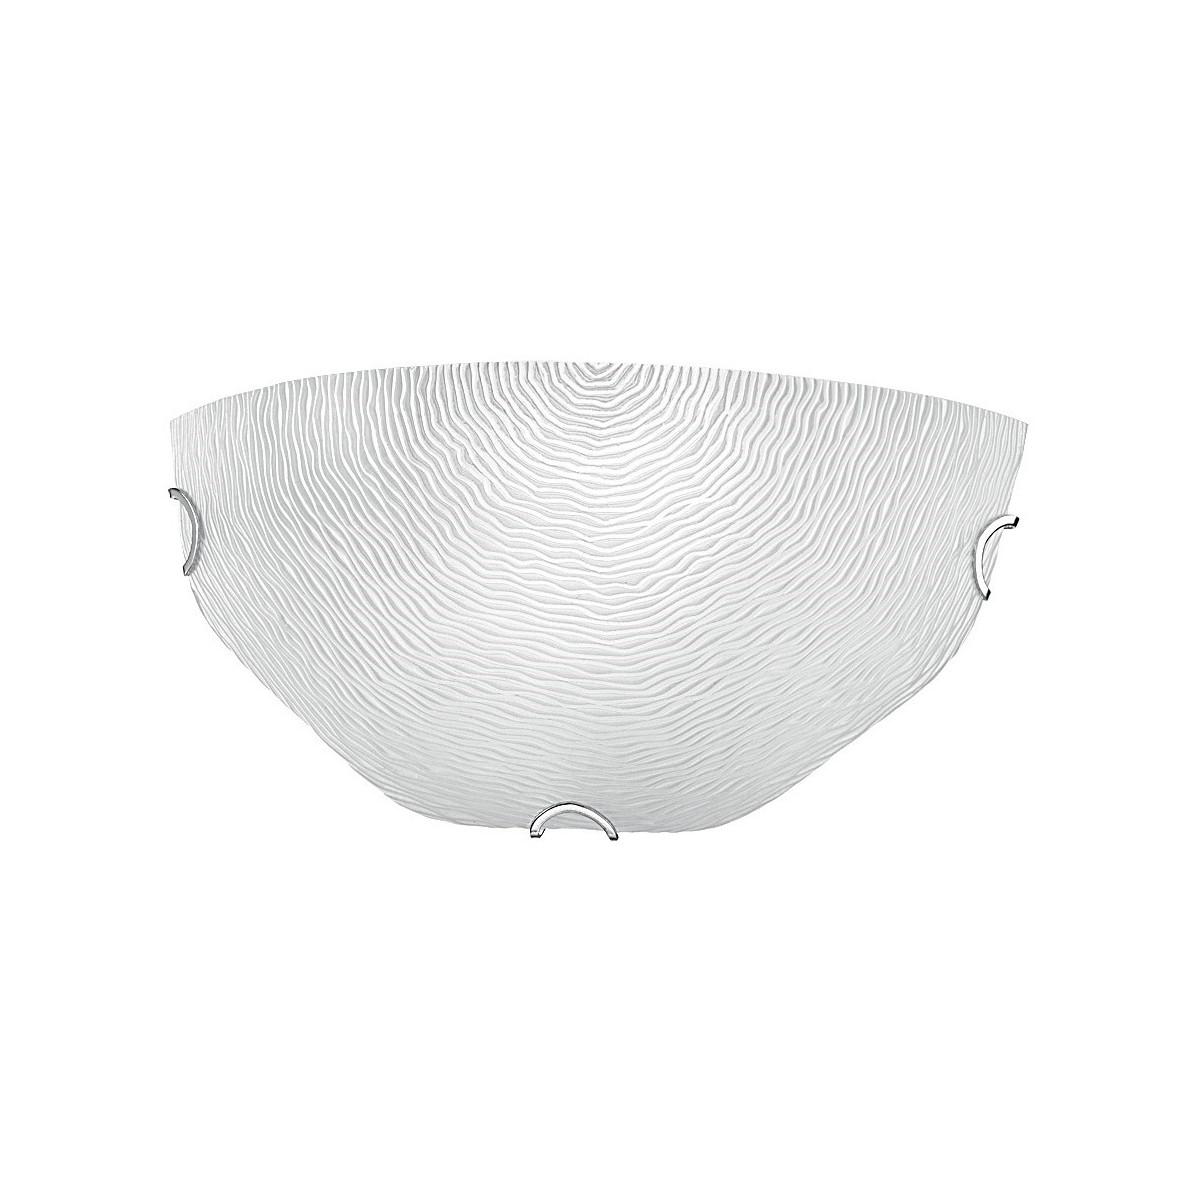 210/10600 - Applique Bianca Vetro decoro Rilievo Filigrana Lampada Moderna Interni E27